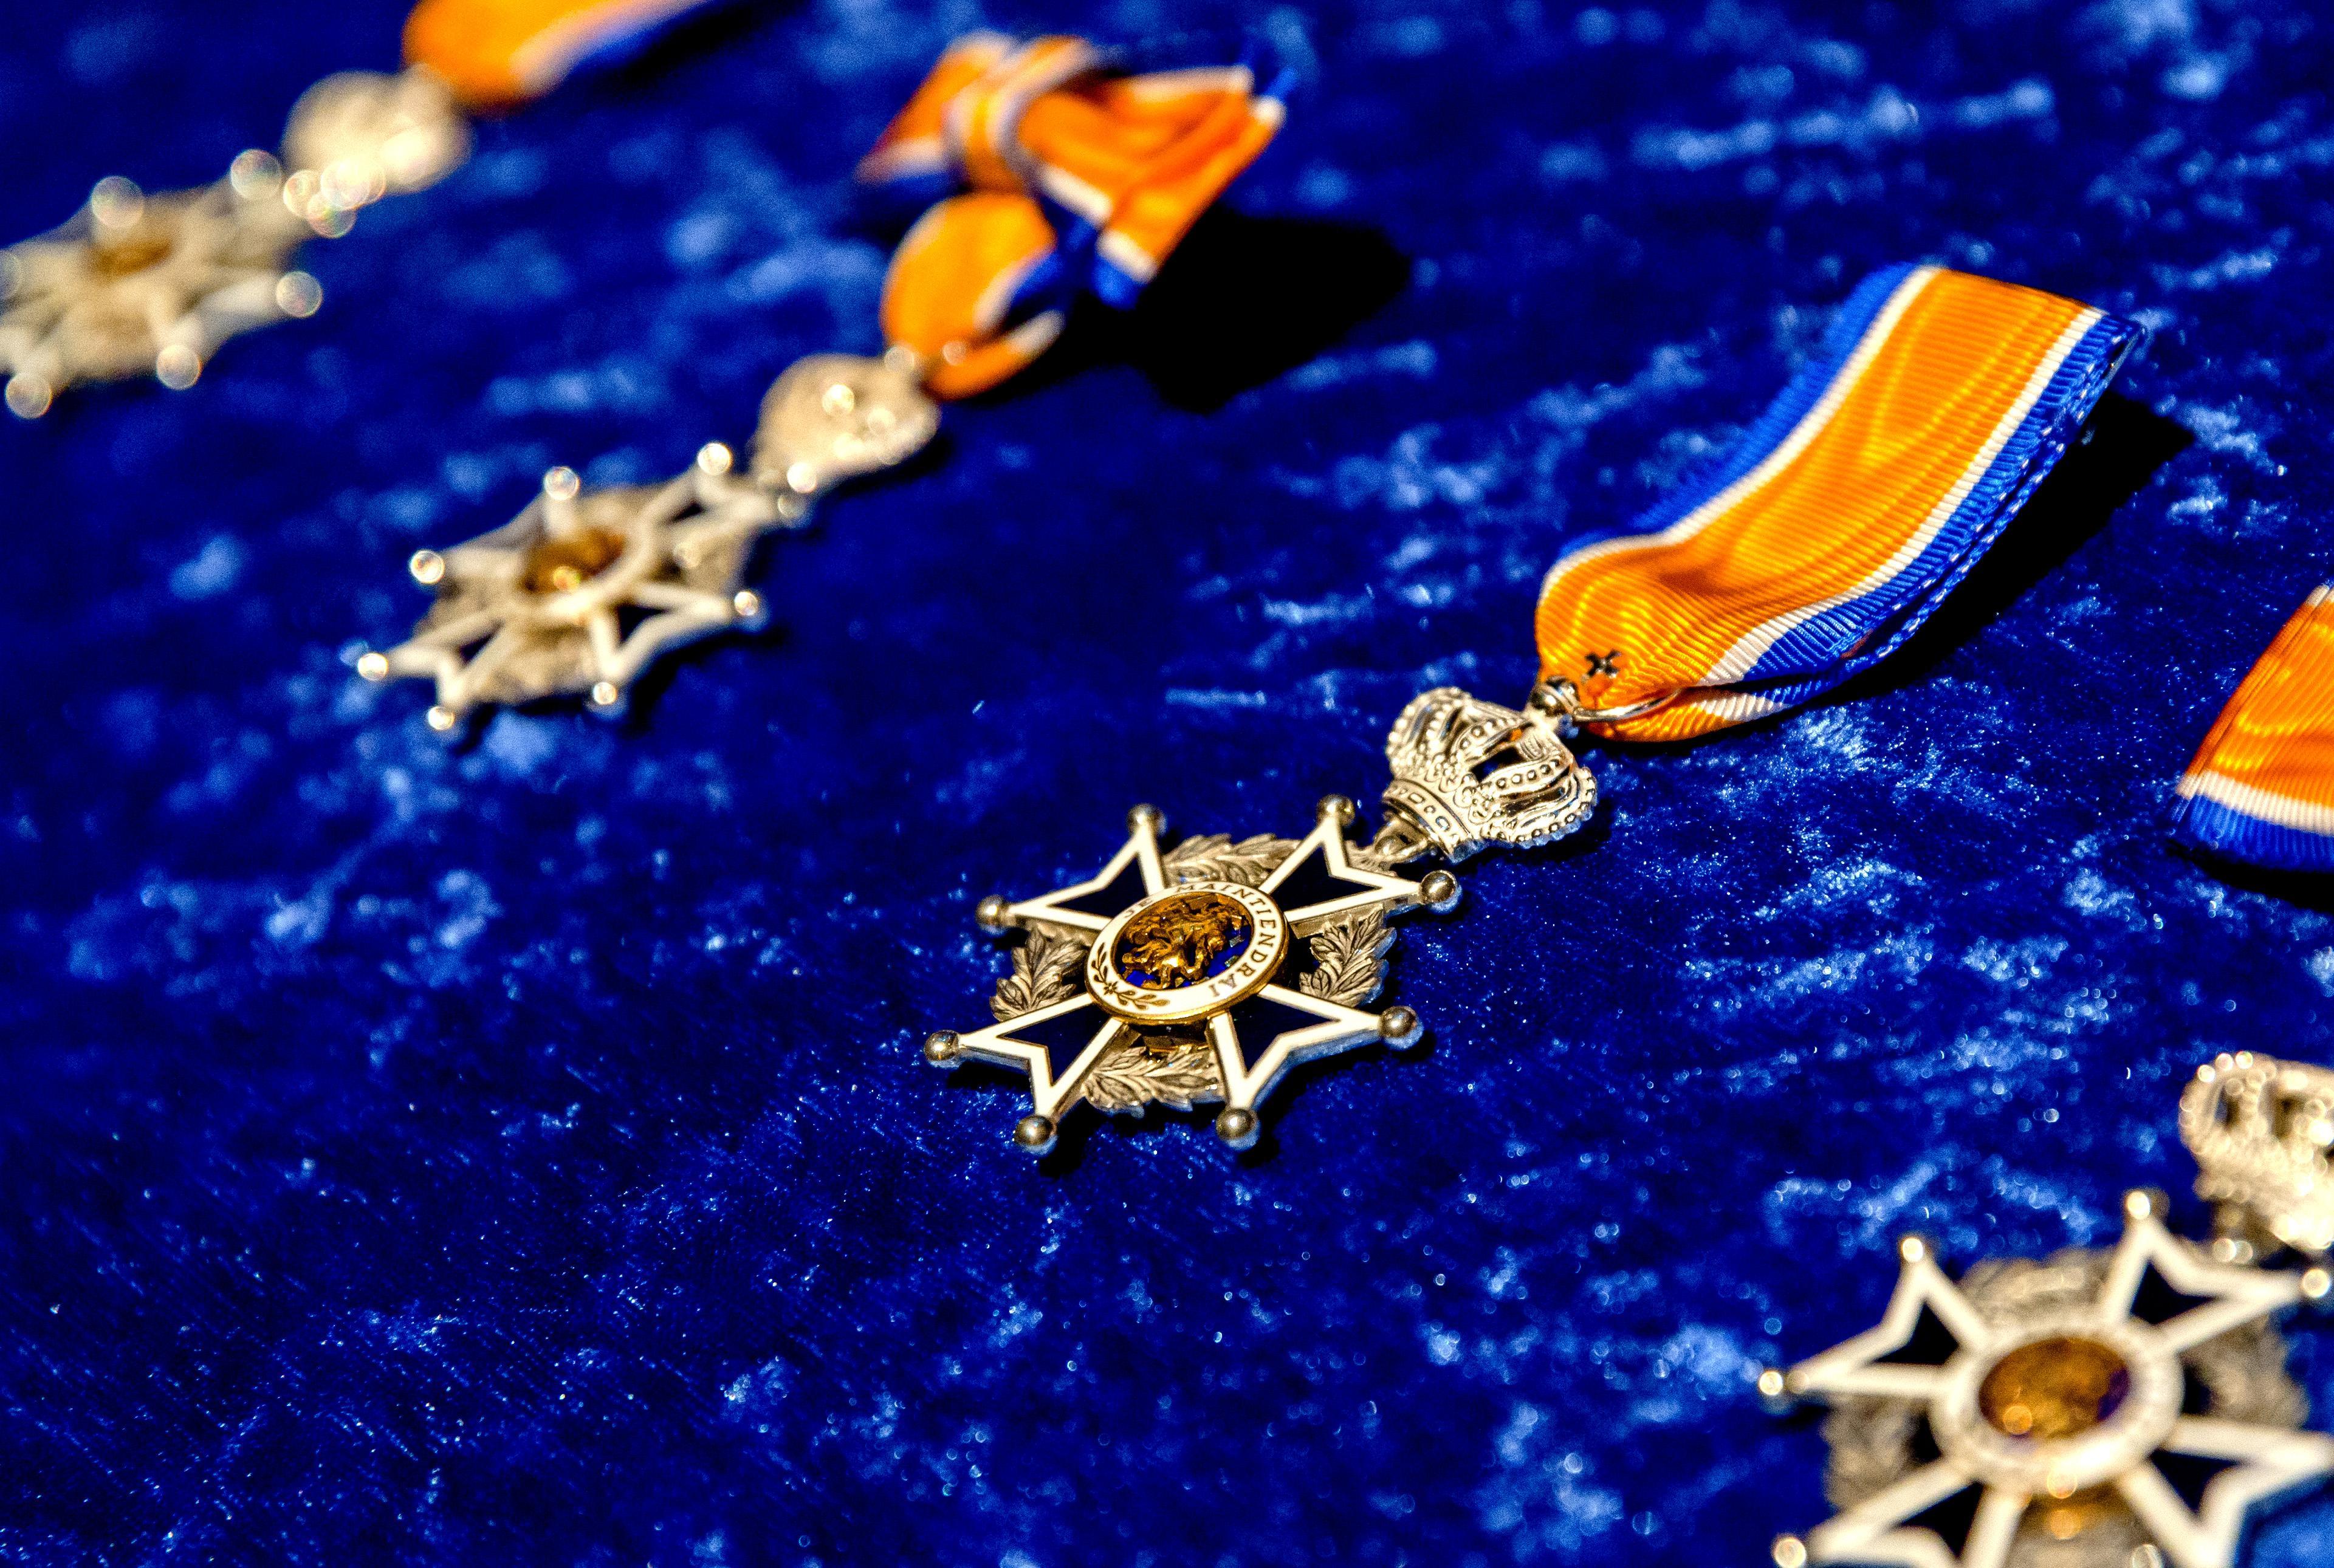 Velsen reikt twee jeugdlintjes en vijf maal Lid in de orde van Oranje Nassau uit